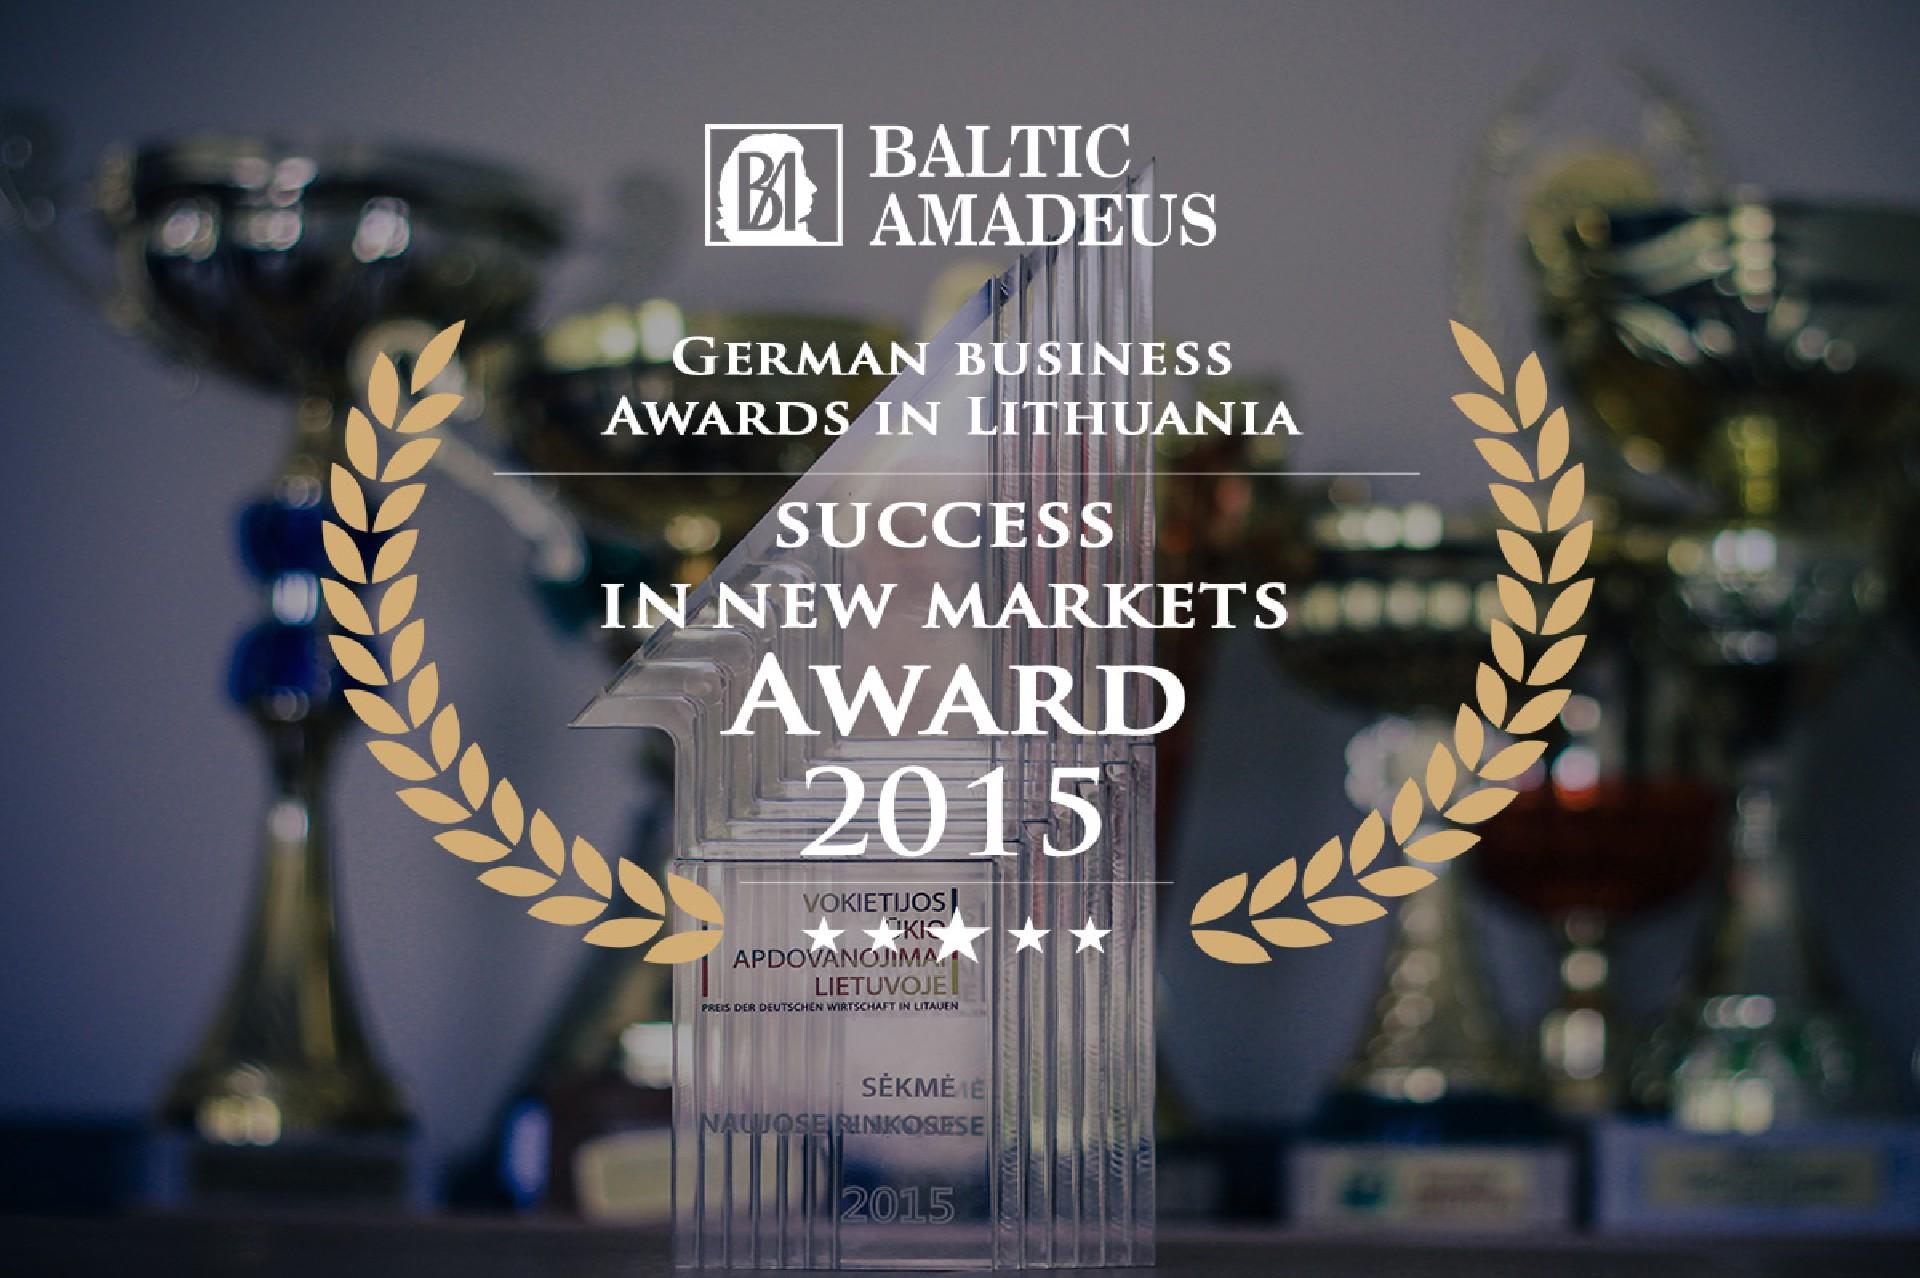 baltic-amadeus-iteiktas-vokietijos-ukio-apdovanojimas